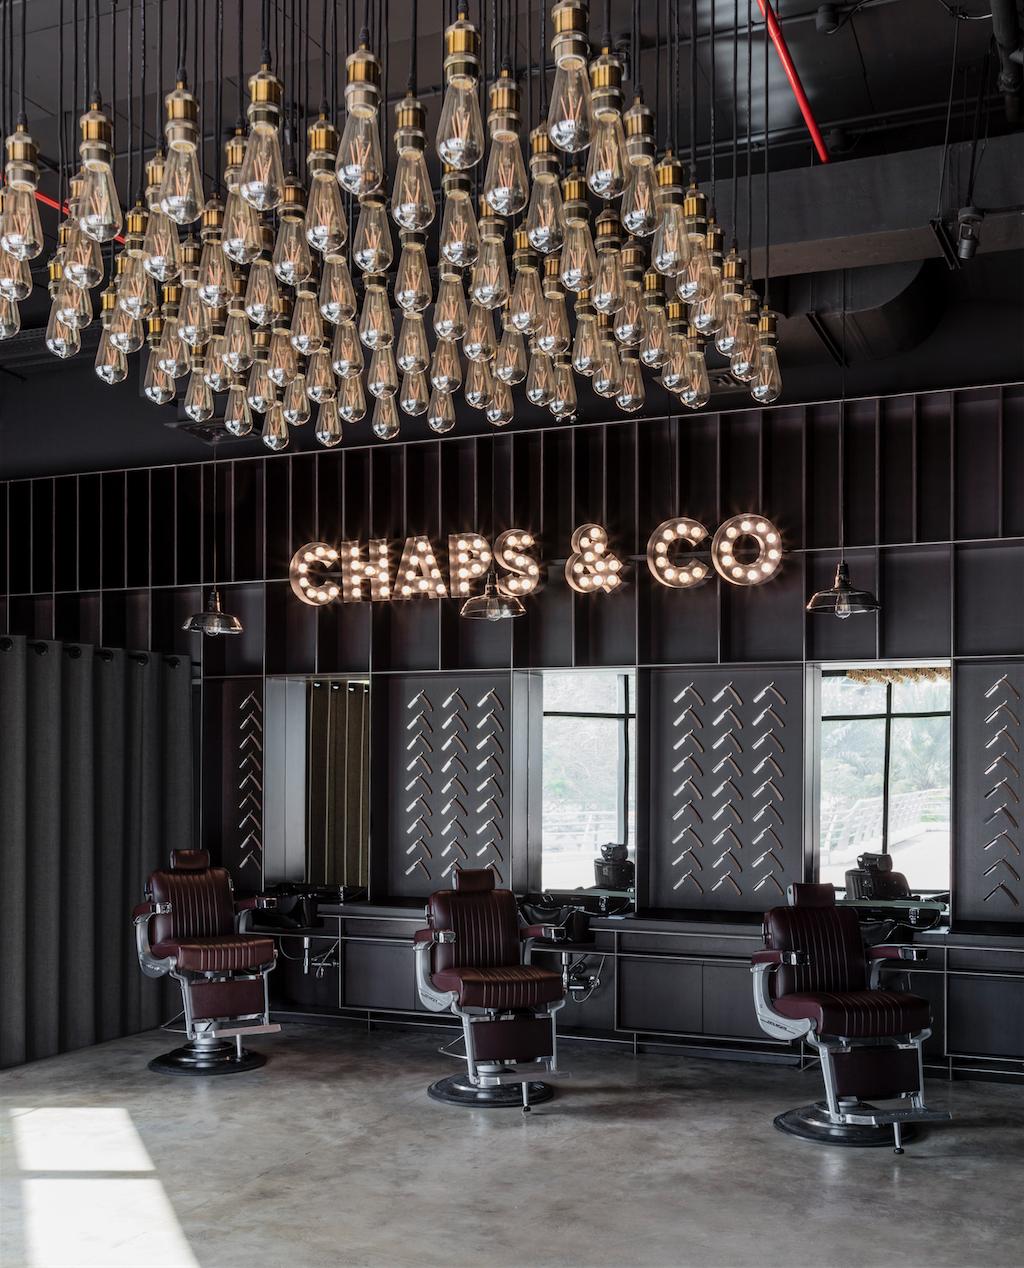 Barber shop ideas - Chaps Co Barbershop Jlt Dubai